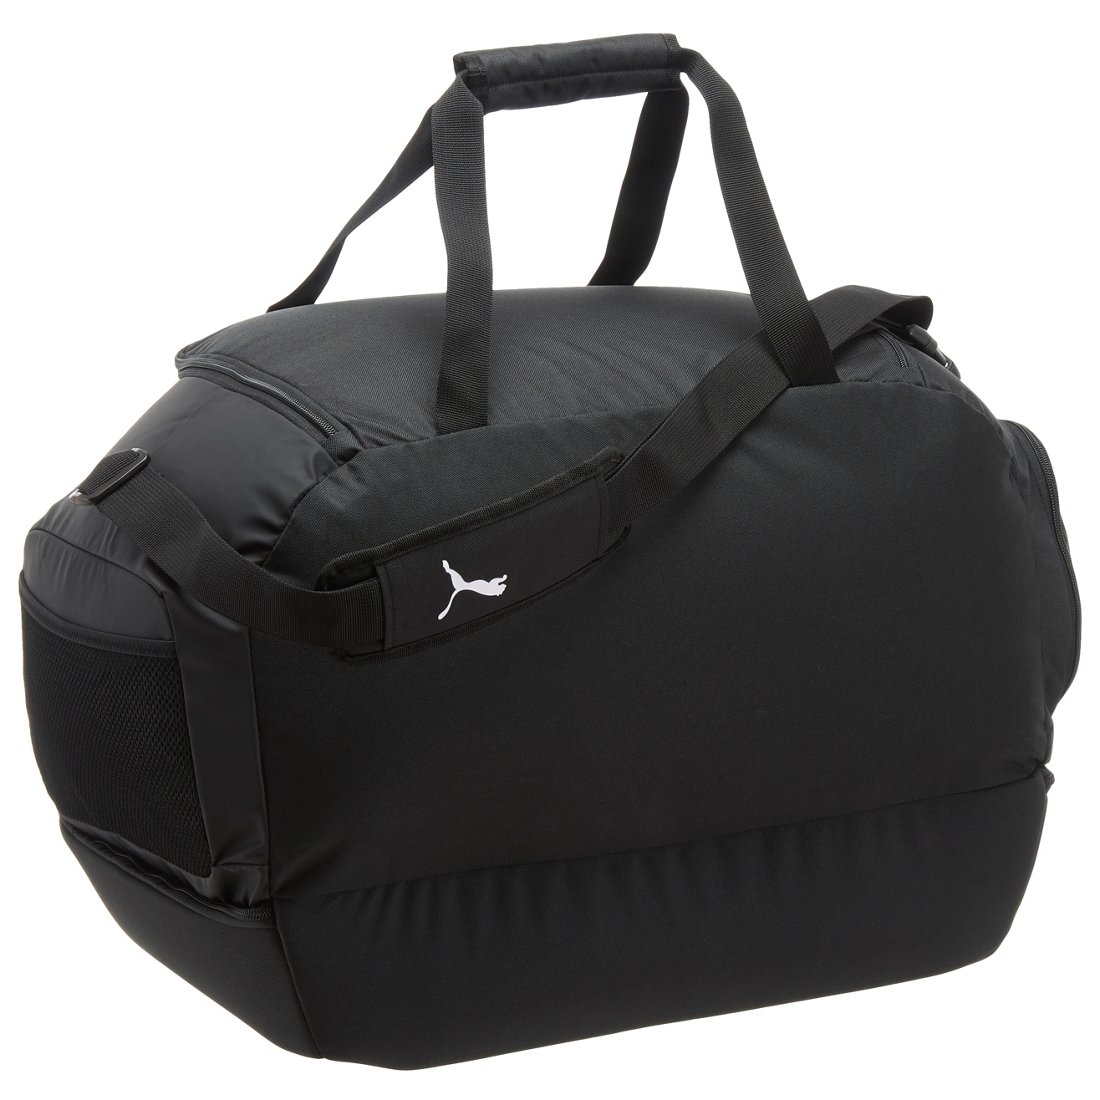 8cb24a96511c1 Puma Liga Football Junior Bag Sporttasche 49 cm - koffer-direkt.de